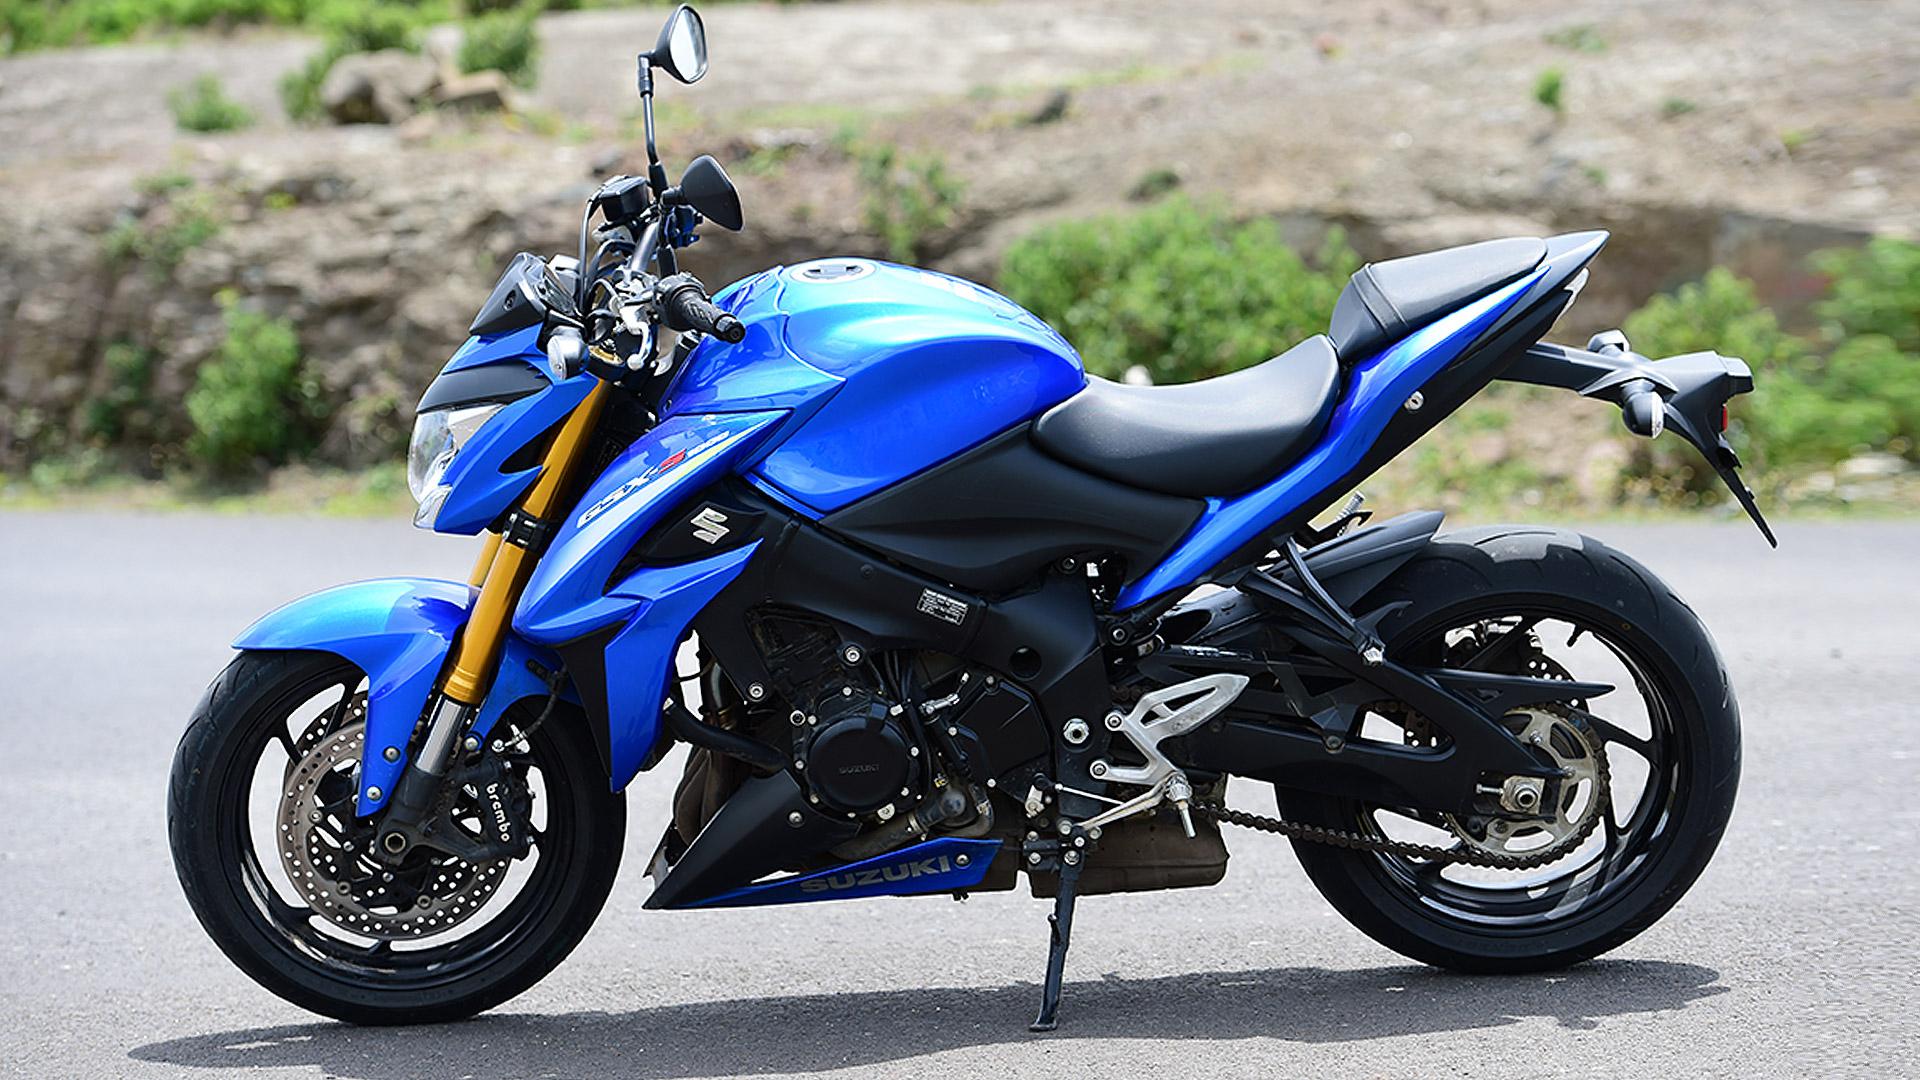 2016 Suzuki GSX-S1000/F First Ride Review   GearOpen